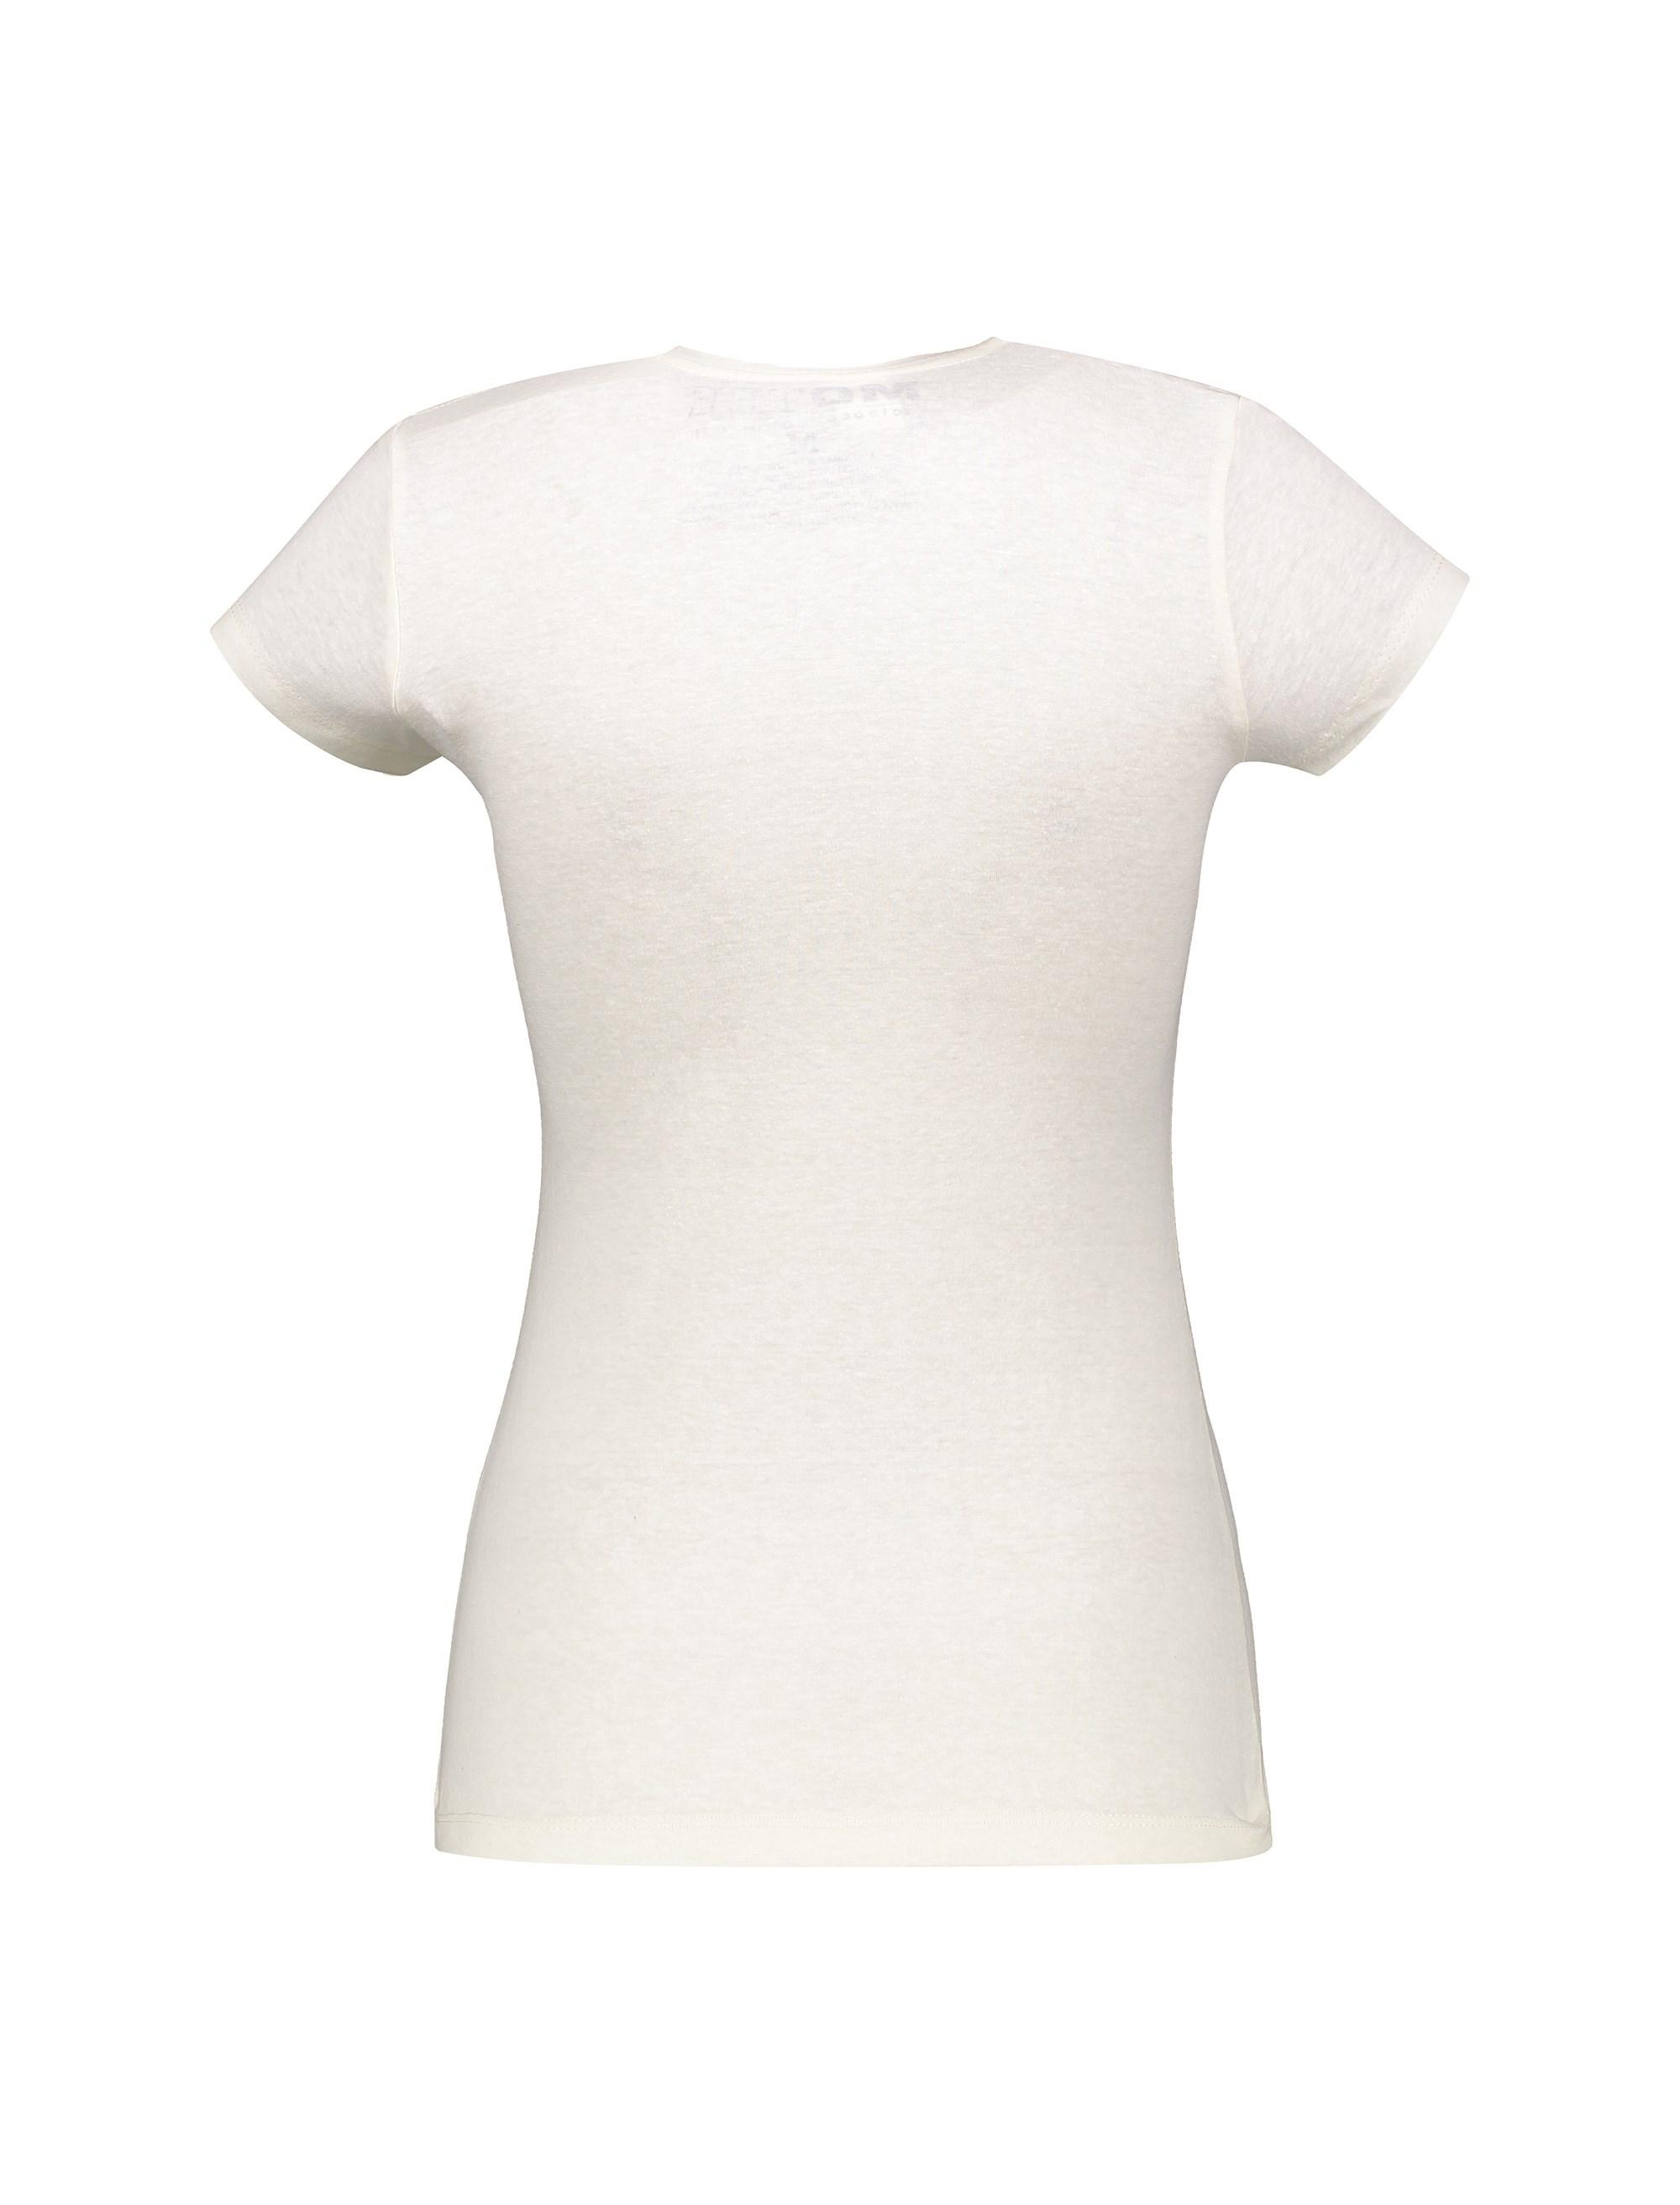 تی شرت یقه گرد زنانه - متی - ُسفيد - 2